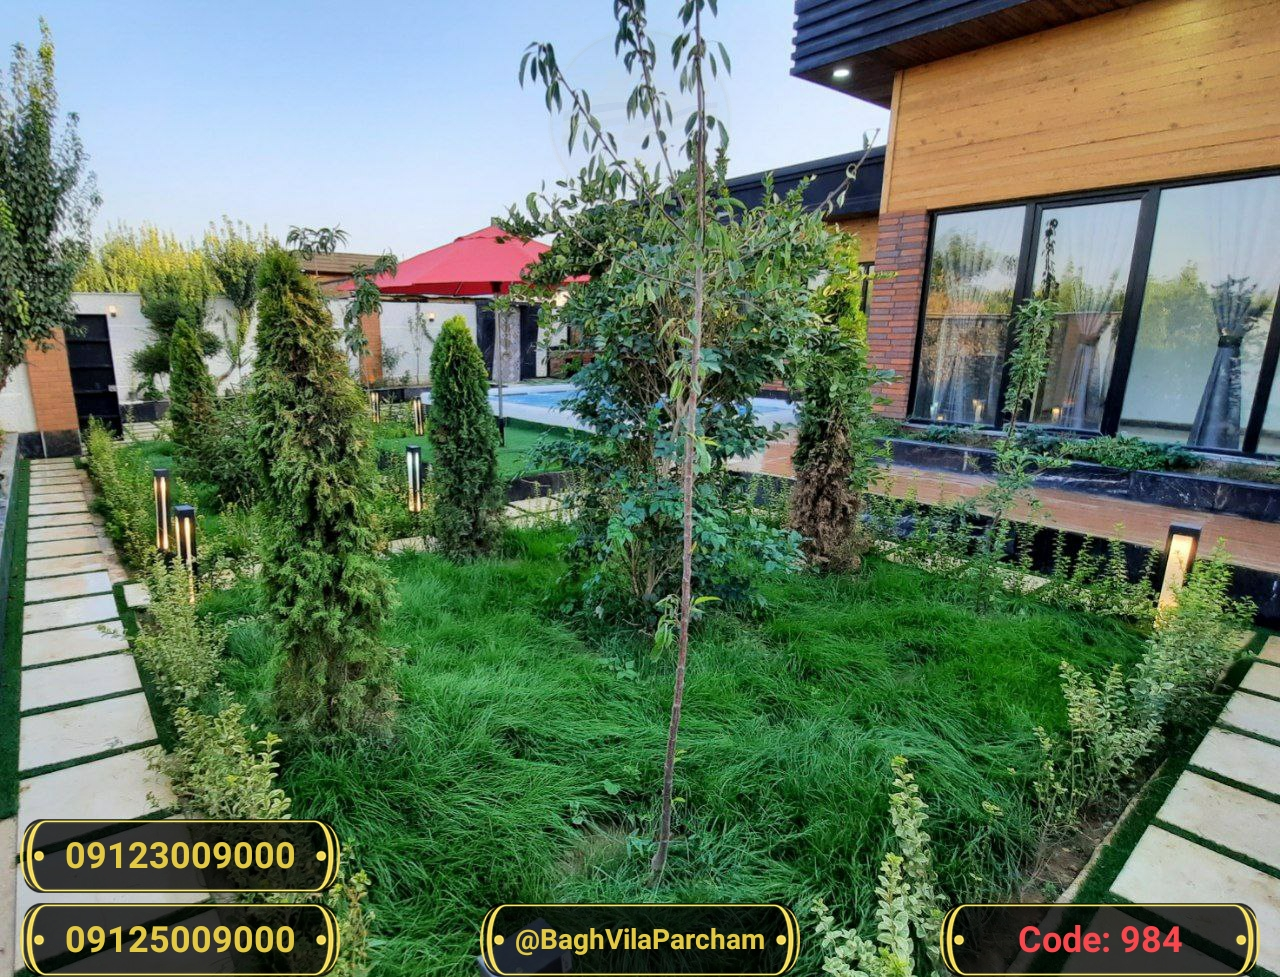 تصویر عکس باغ ویلا شماره 9 از ویلای ۴۰۰ متر ویلا مدرن و شیک Picture photo image 9 of ۴۰۰ متر ویلا مدرن و شیک